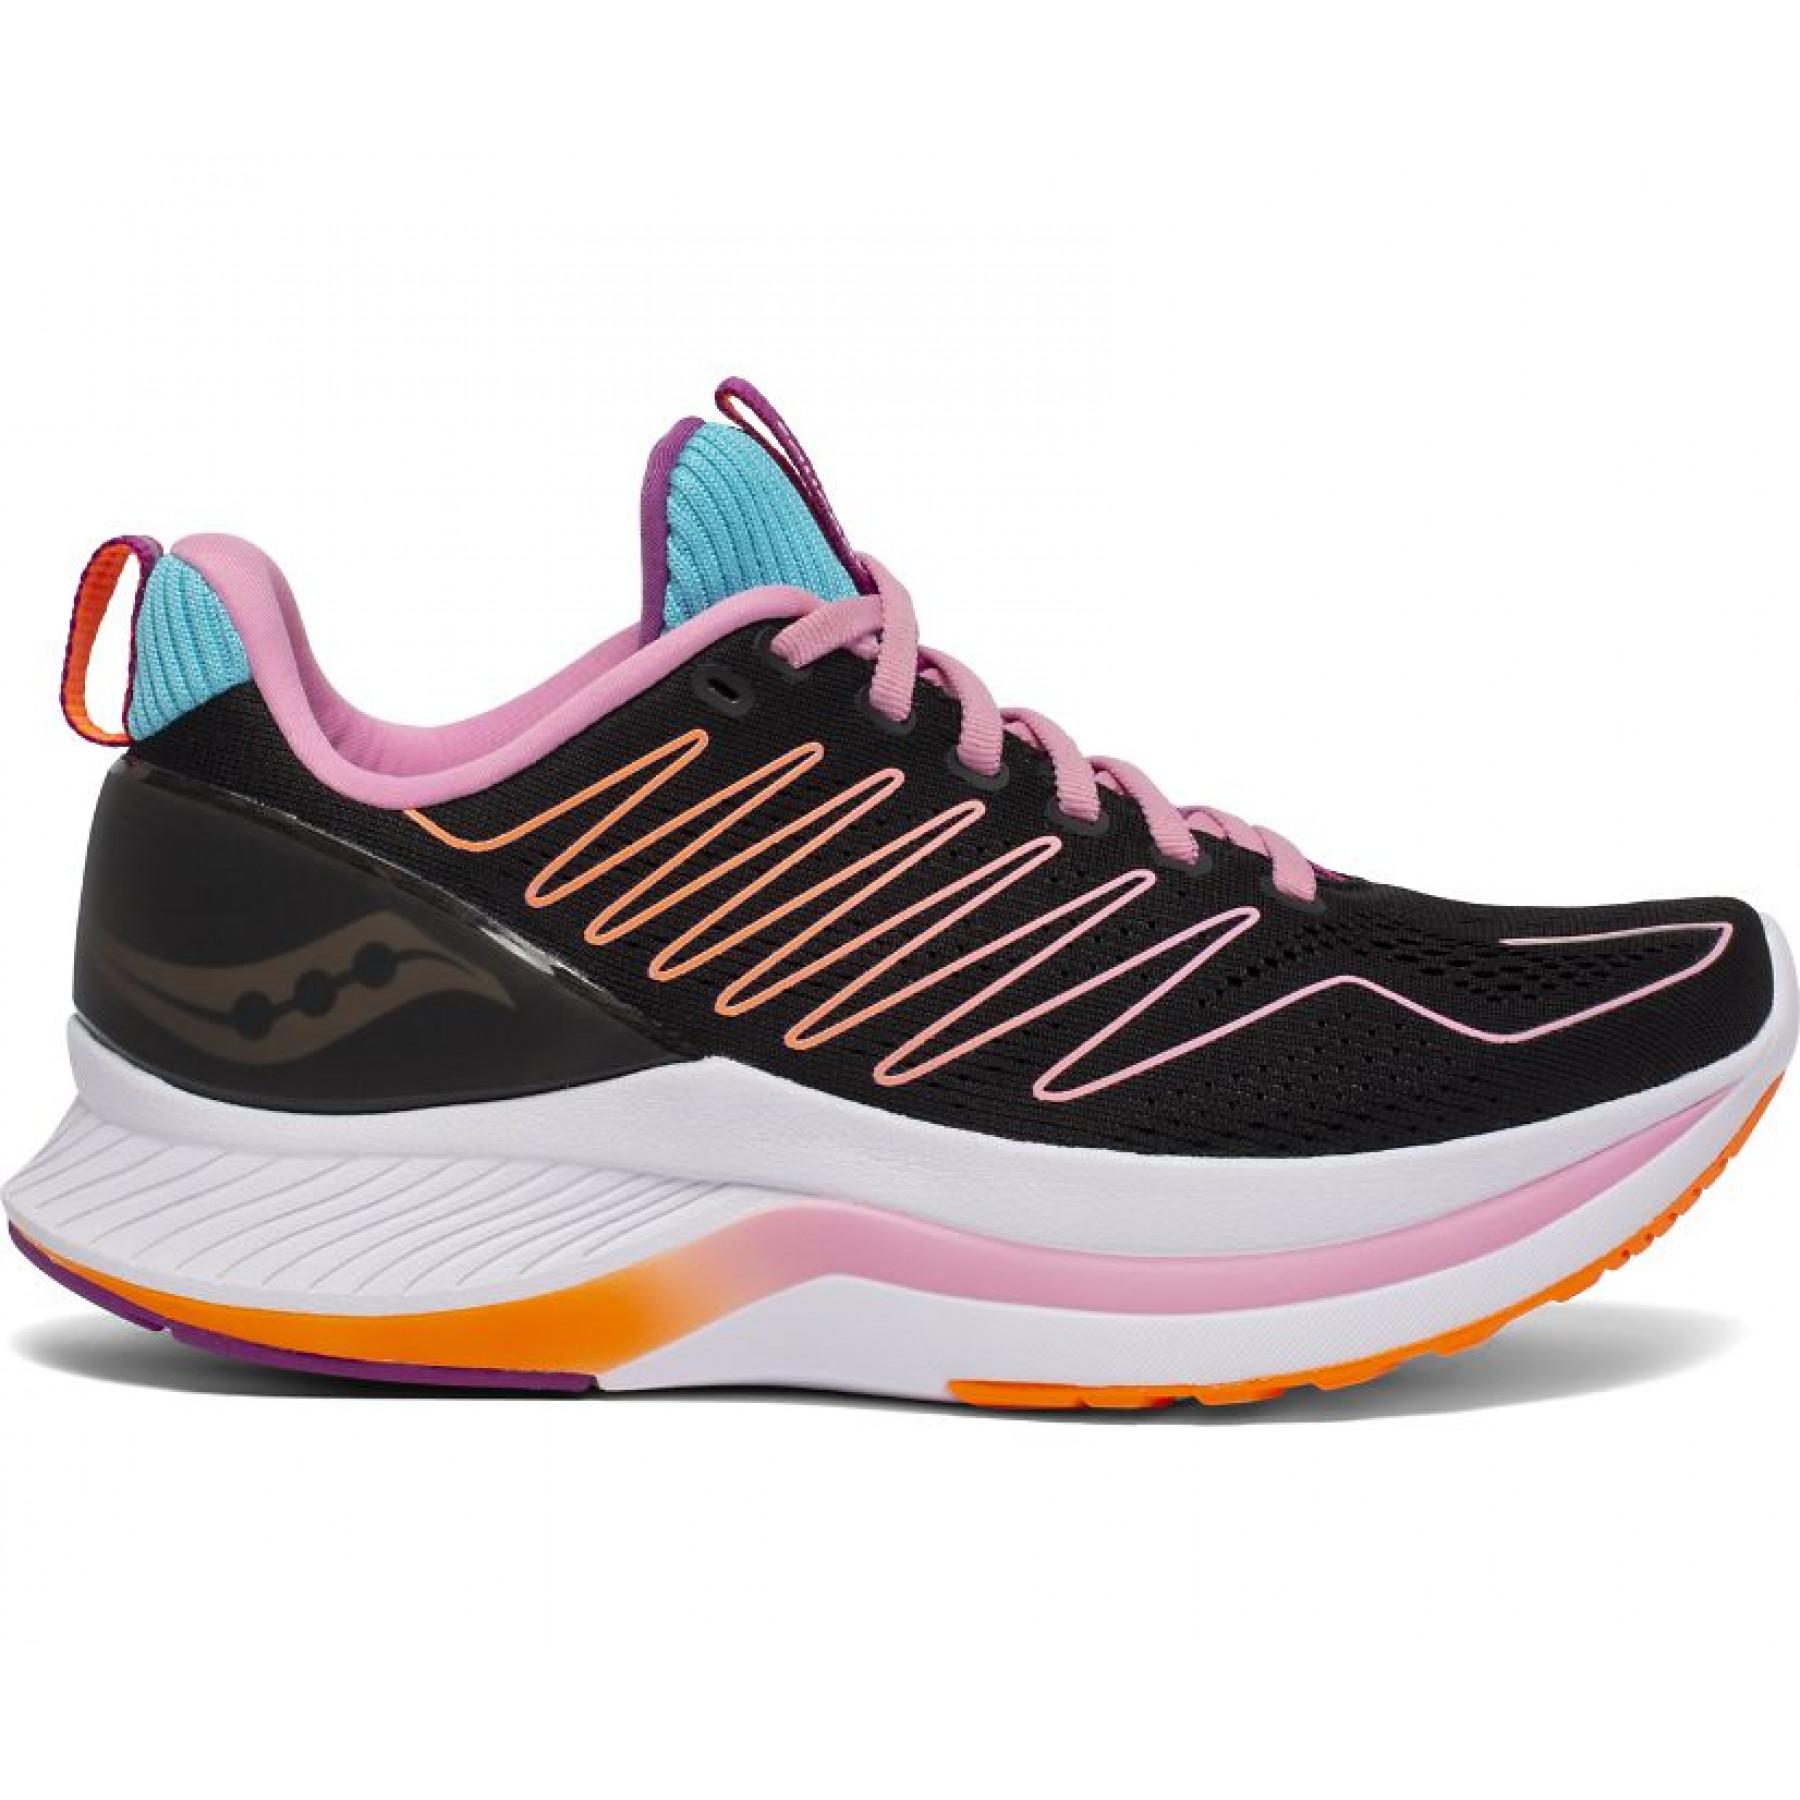 Women's shoes Saucony Endorphin Shift